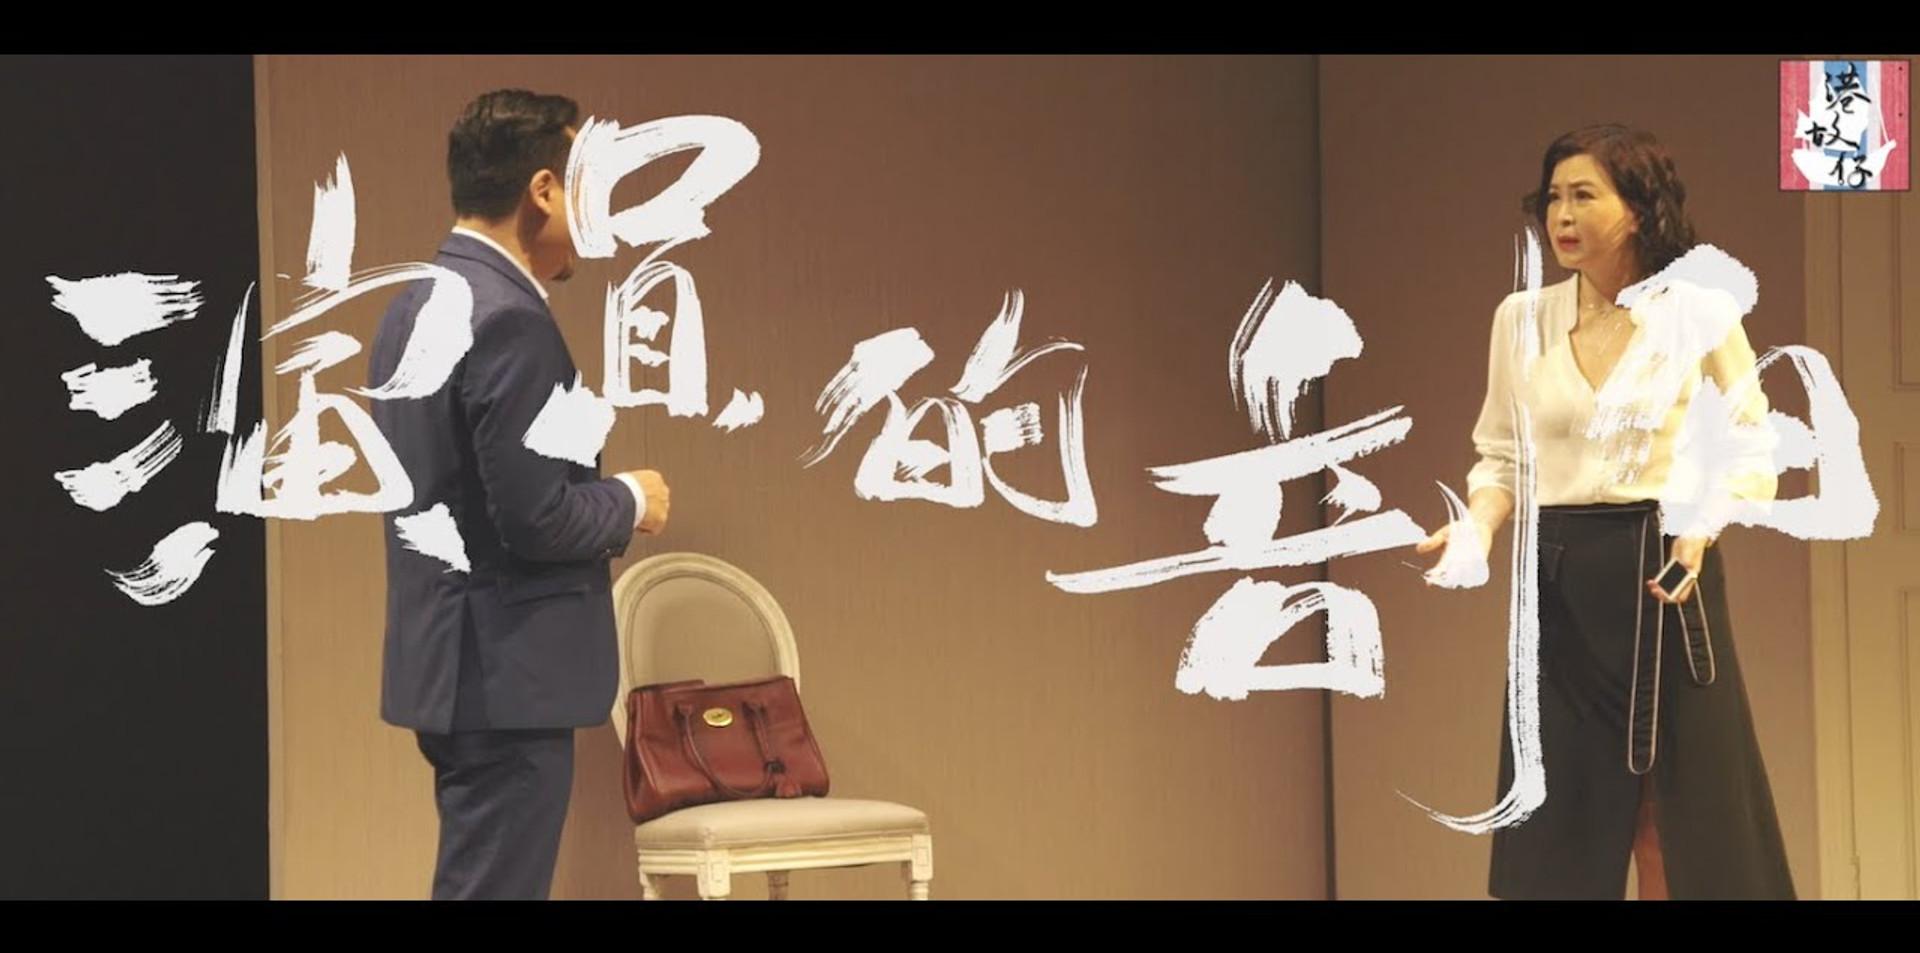 2.70 #蘇玉華 #演員的剖白